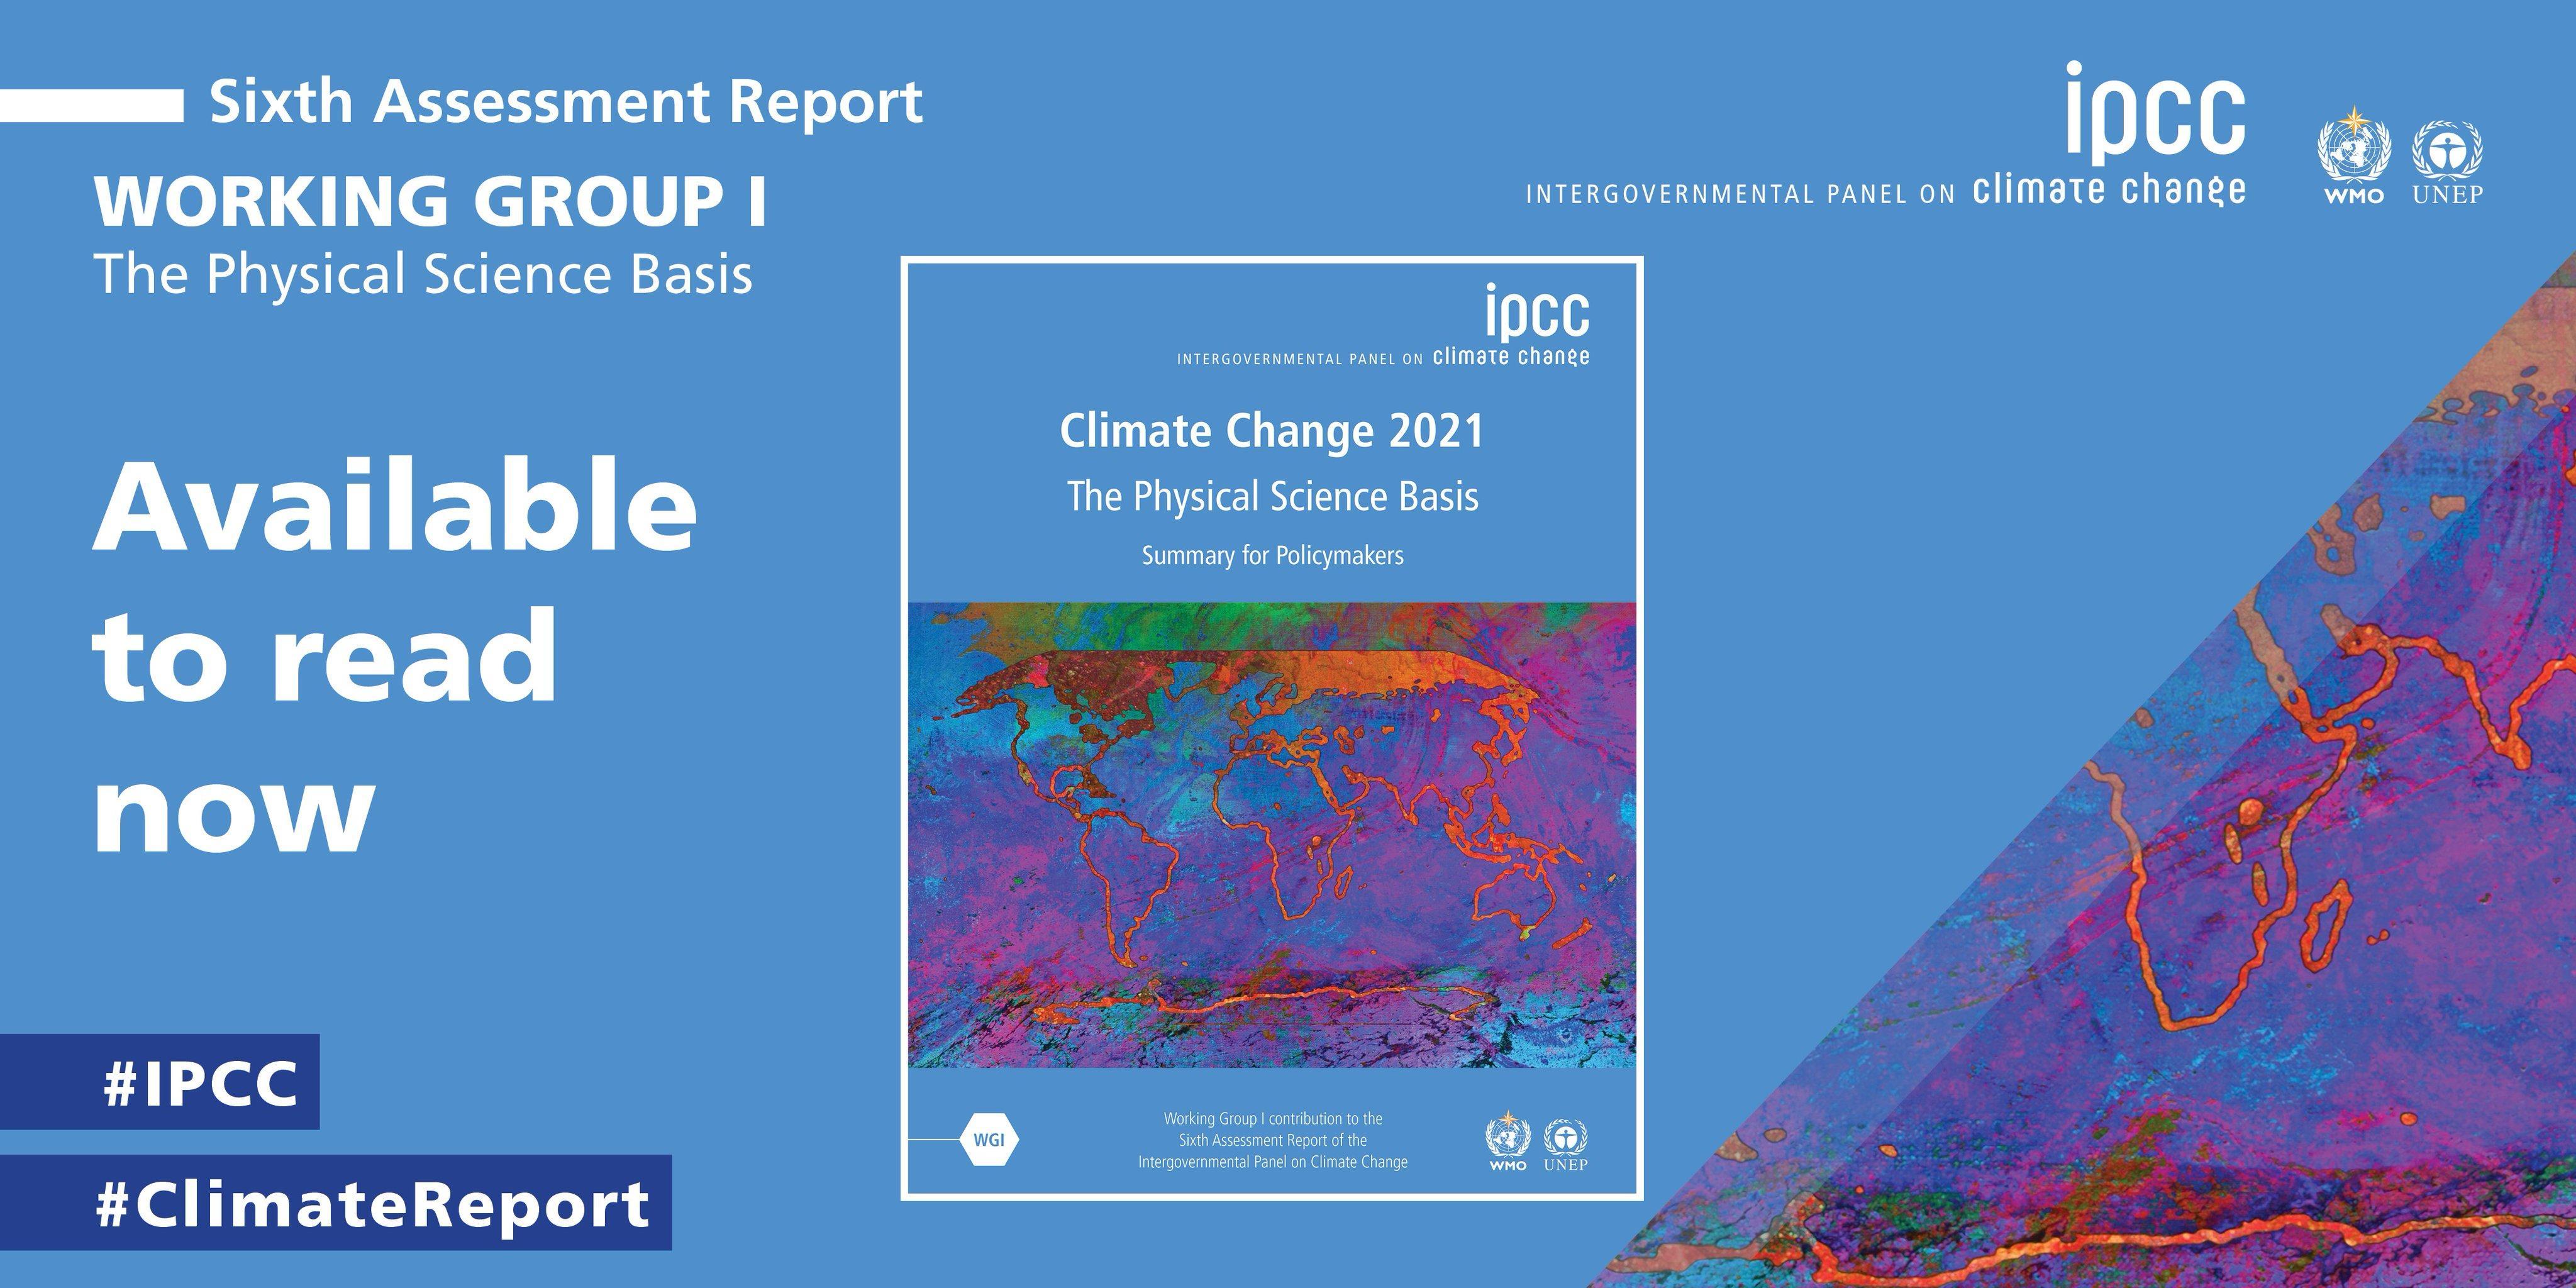 iklim raporu